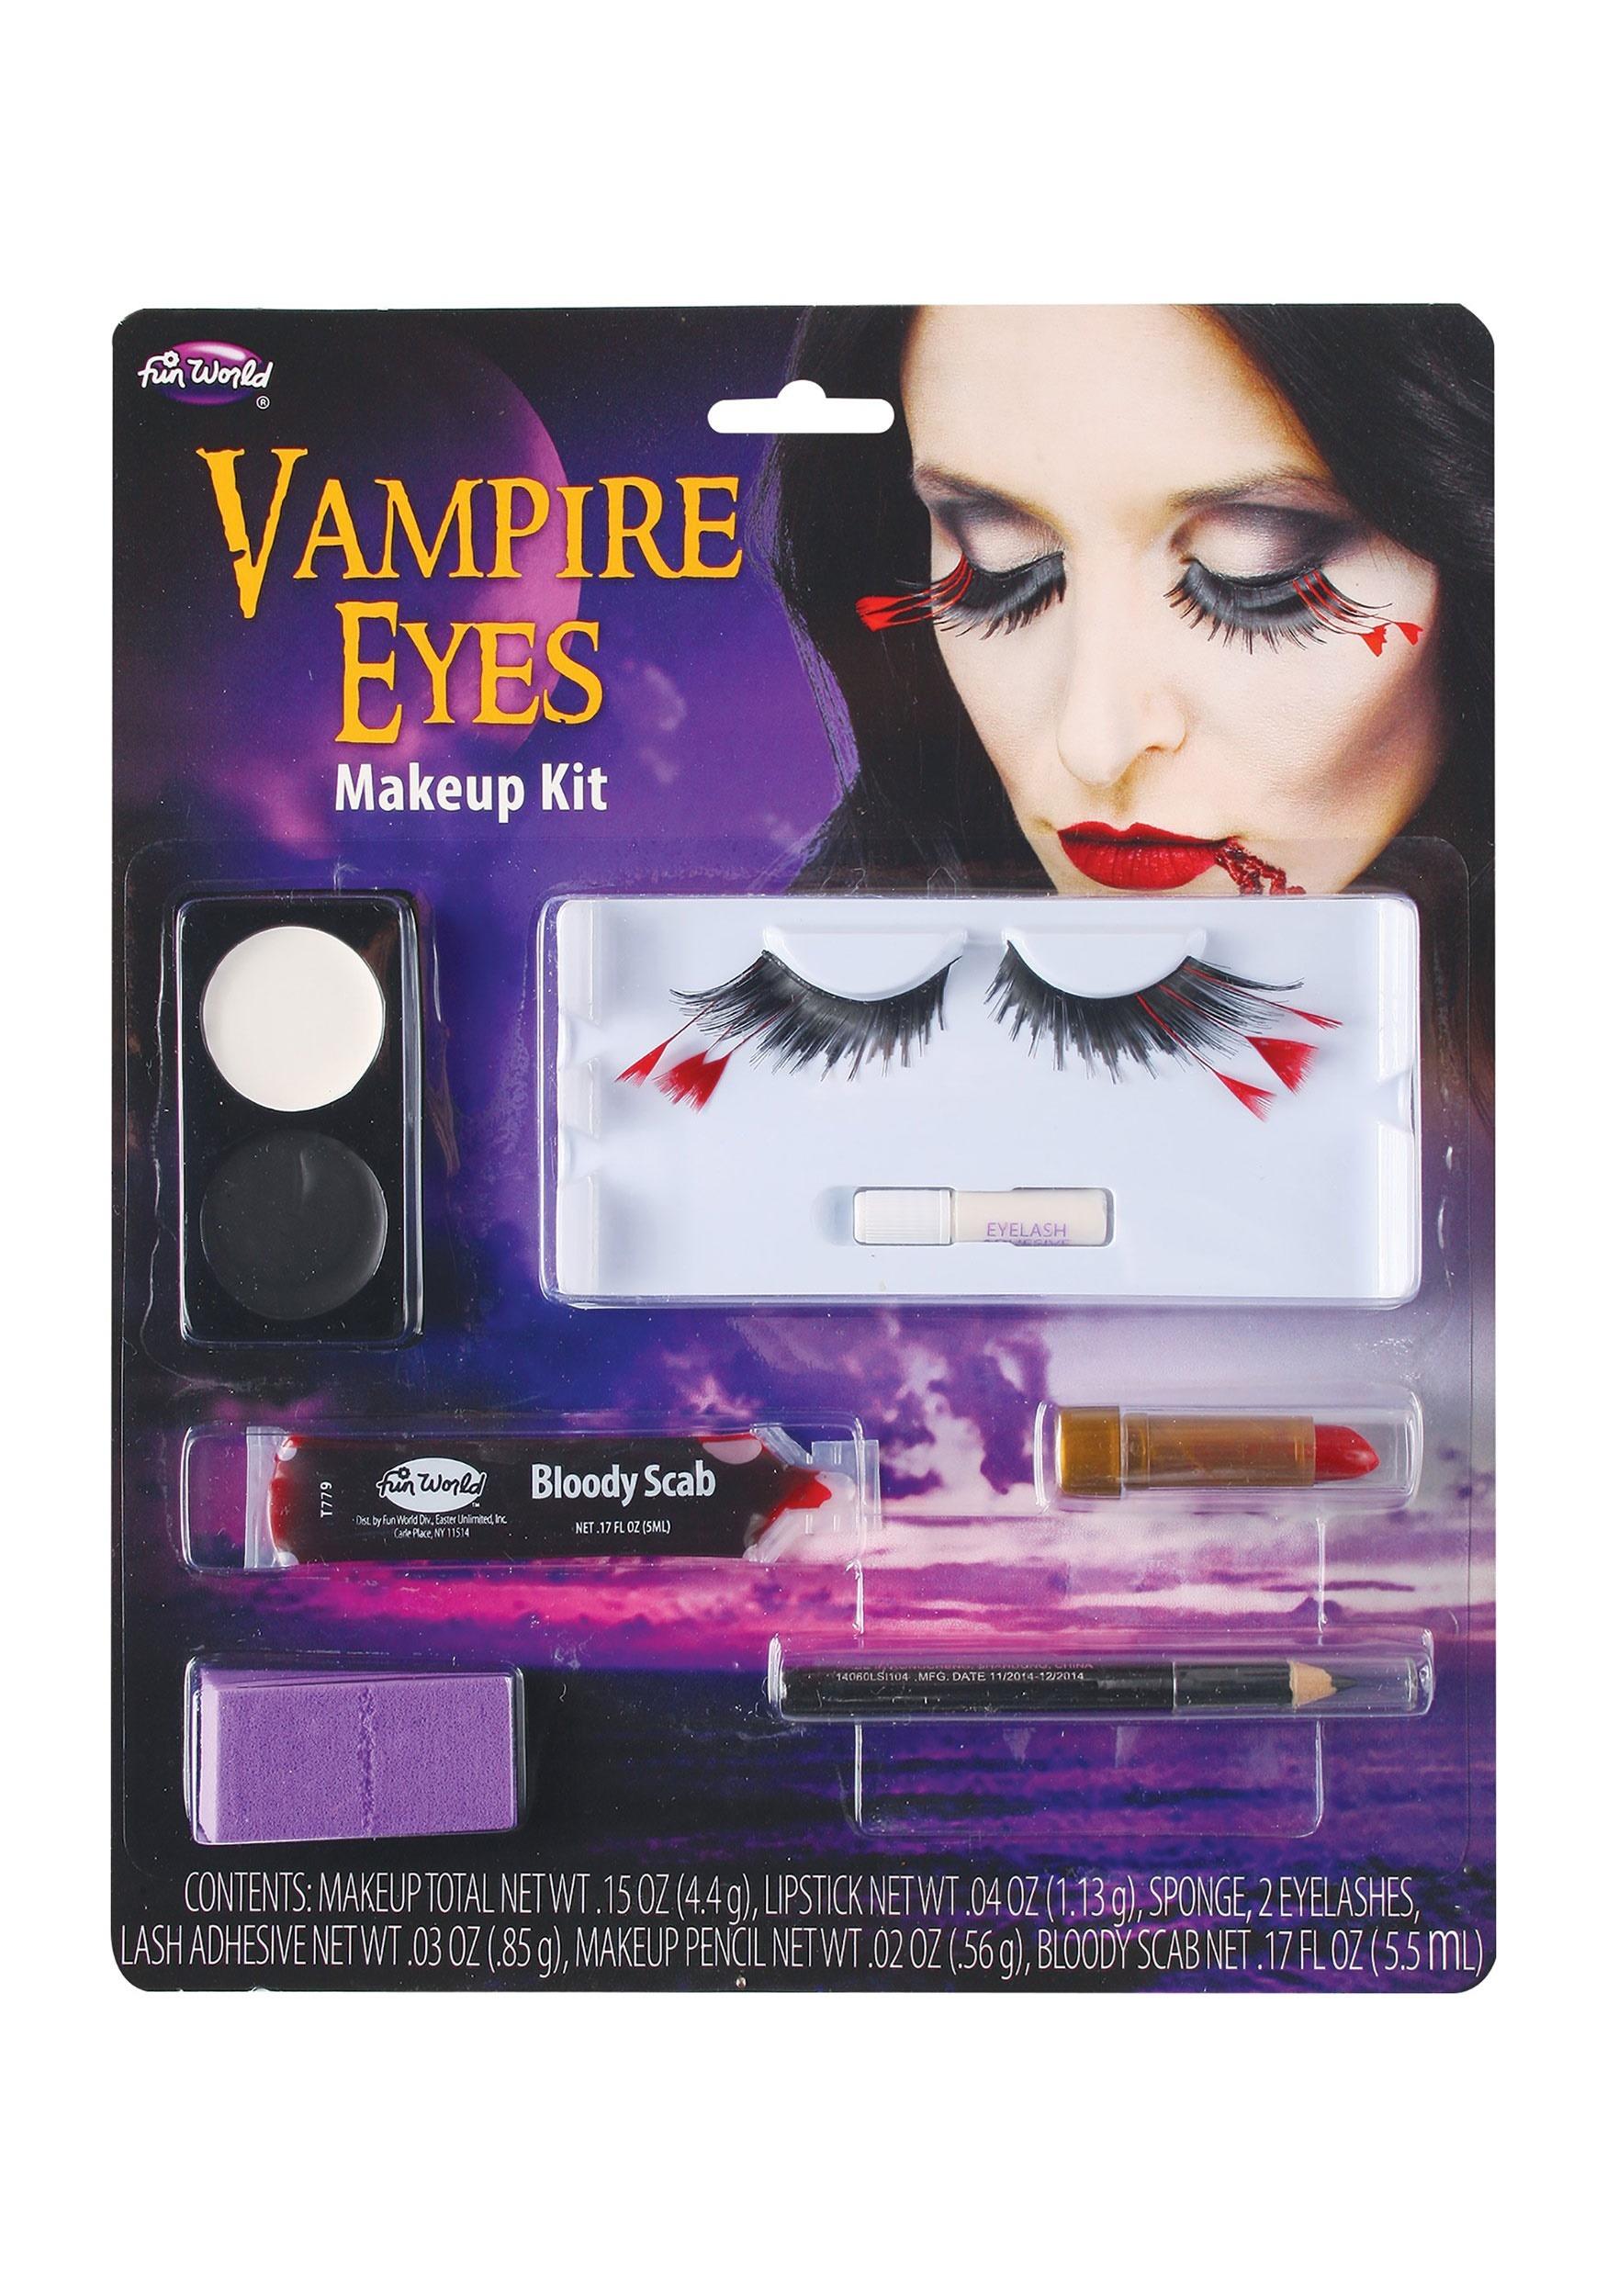 Makeup Kit: Vampire Eyes Makeup Kit